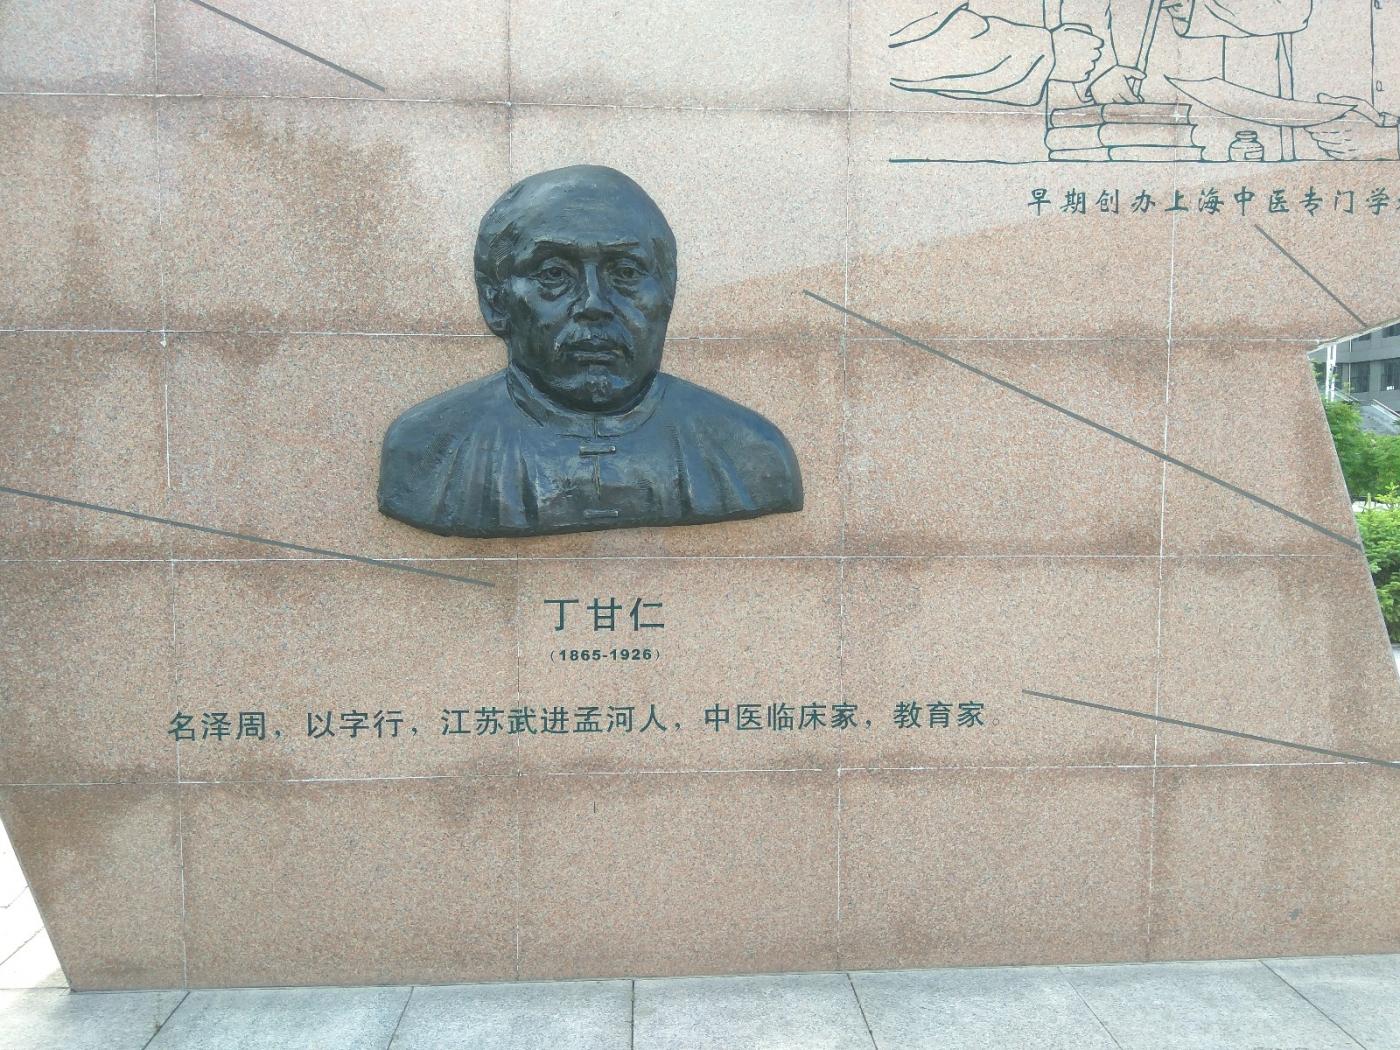 群雕:中外医学大师(图)_图1-13